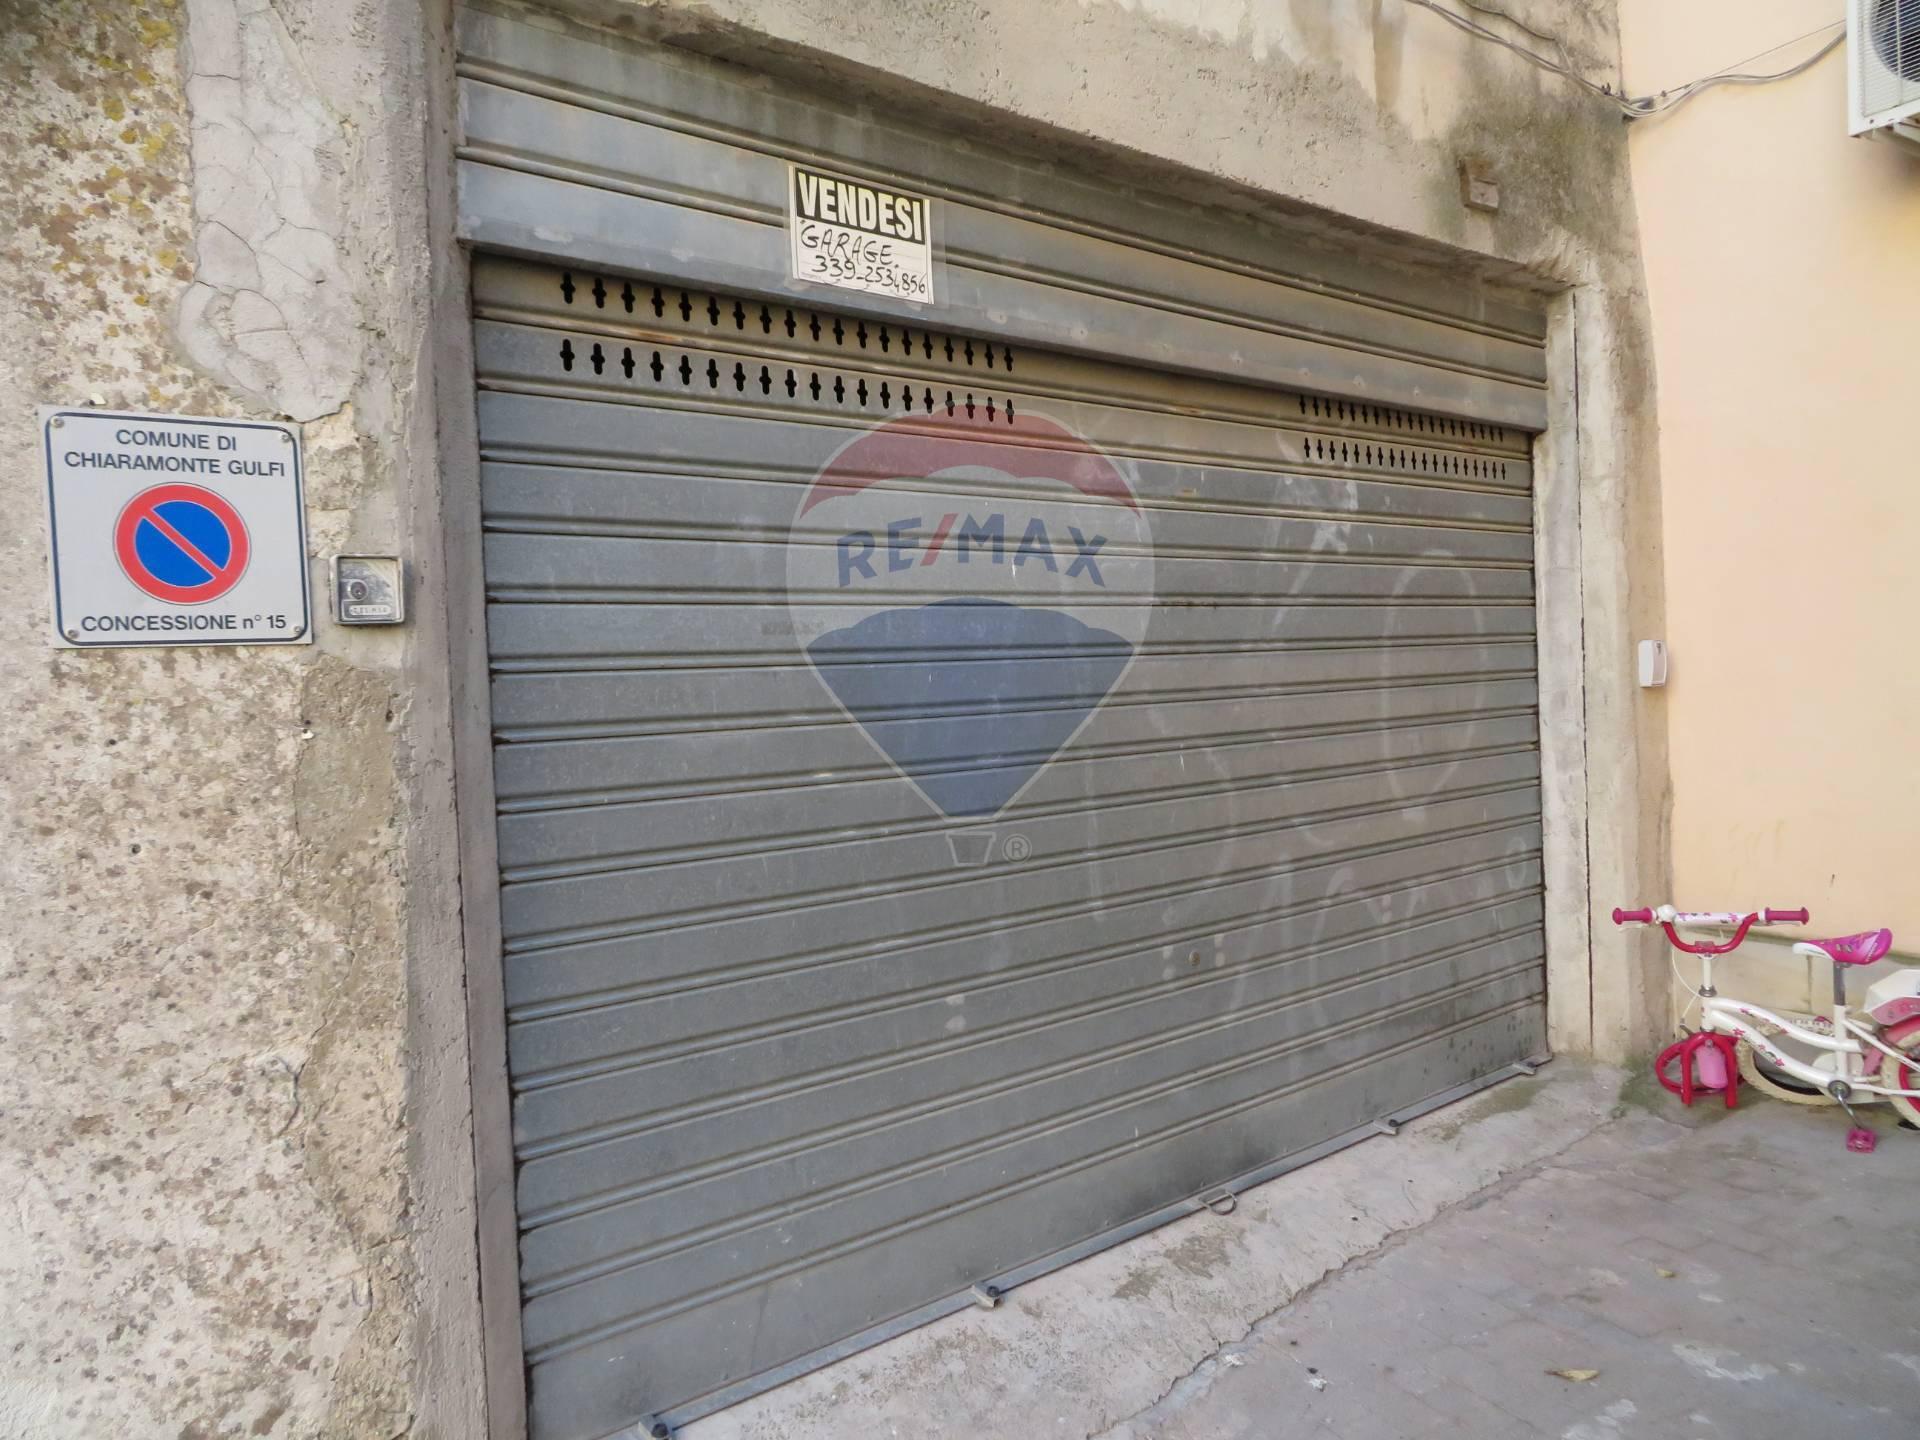 Appartamento in vendita a Chiaramonte Gulfi, 2 locali, prezzo € 50.000 | CambioCasa.it